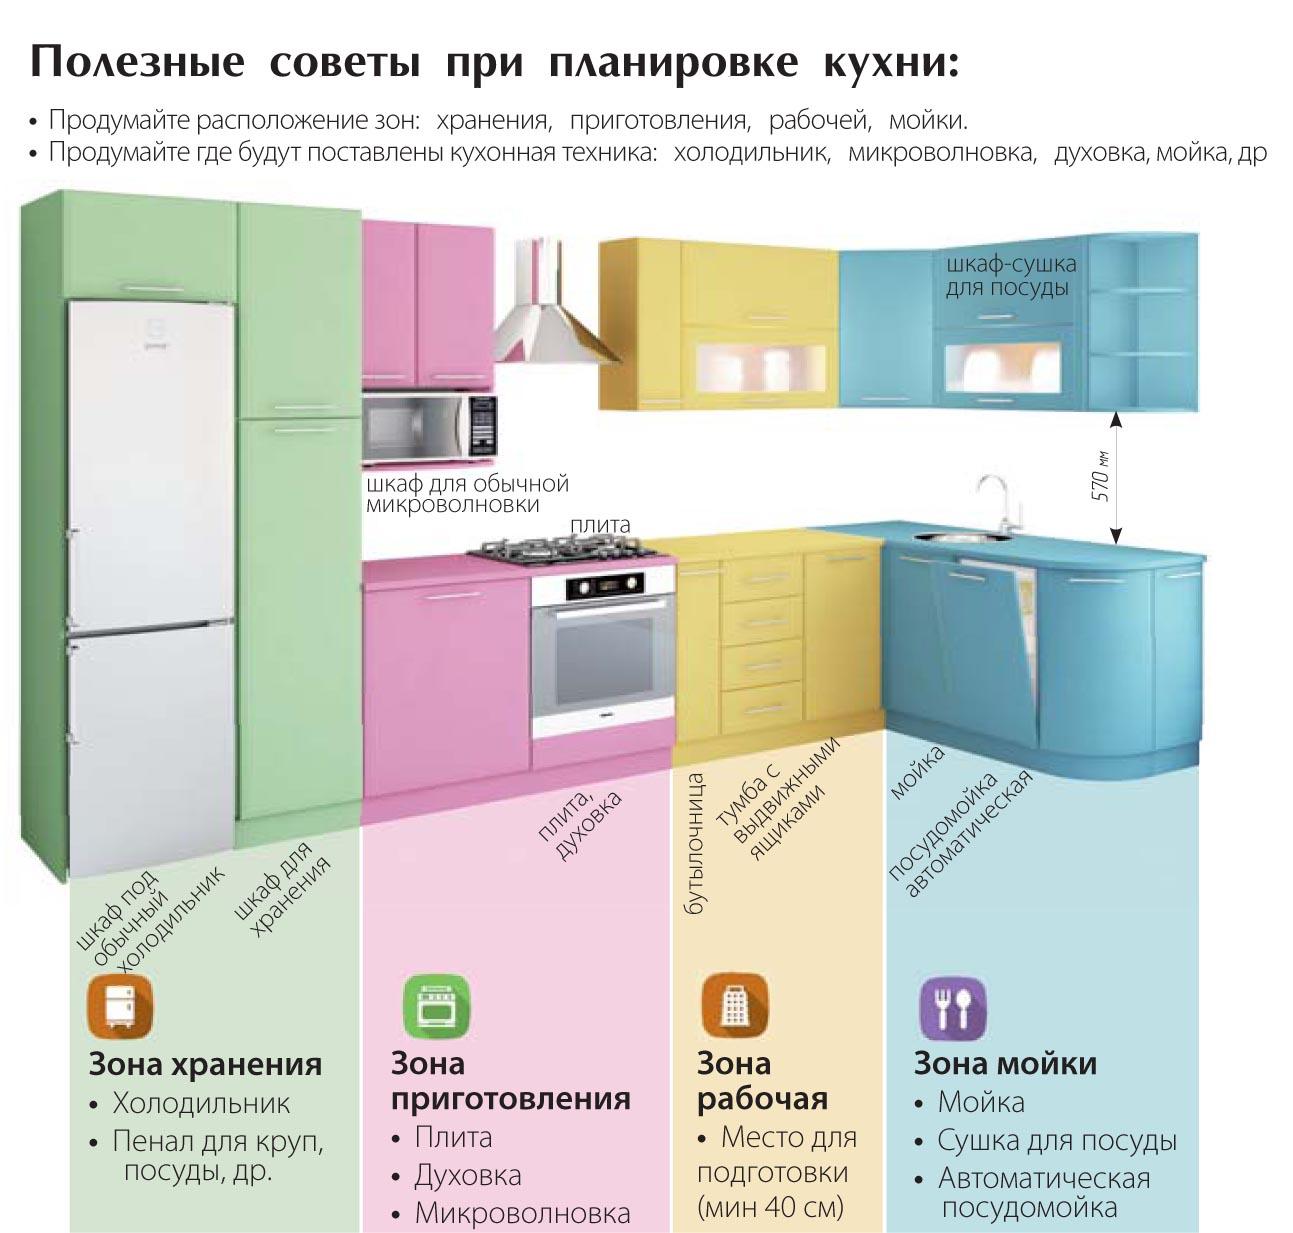 Как правильно сделать отопление в частном доме своими